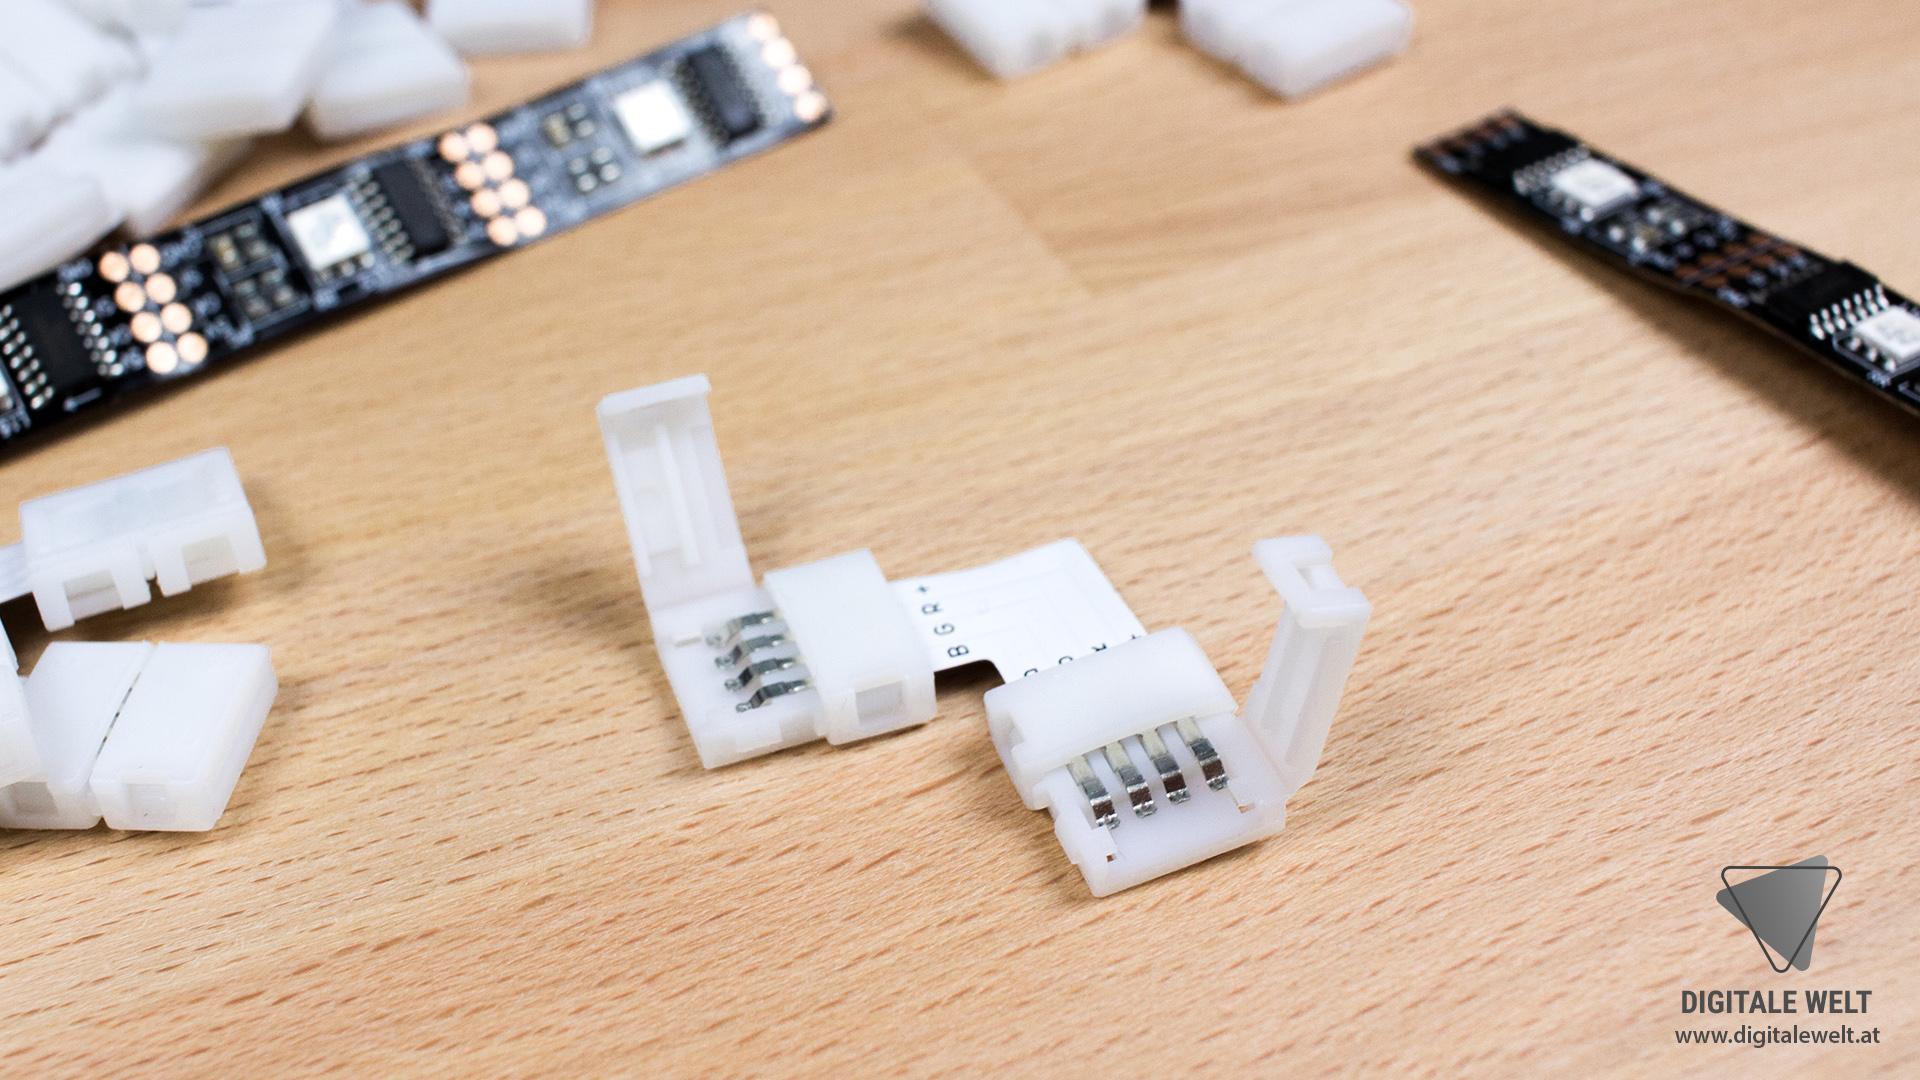 Ambilight ohne Löten - Eckverbinder 10mm offen (DigitaleWelt)